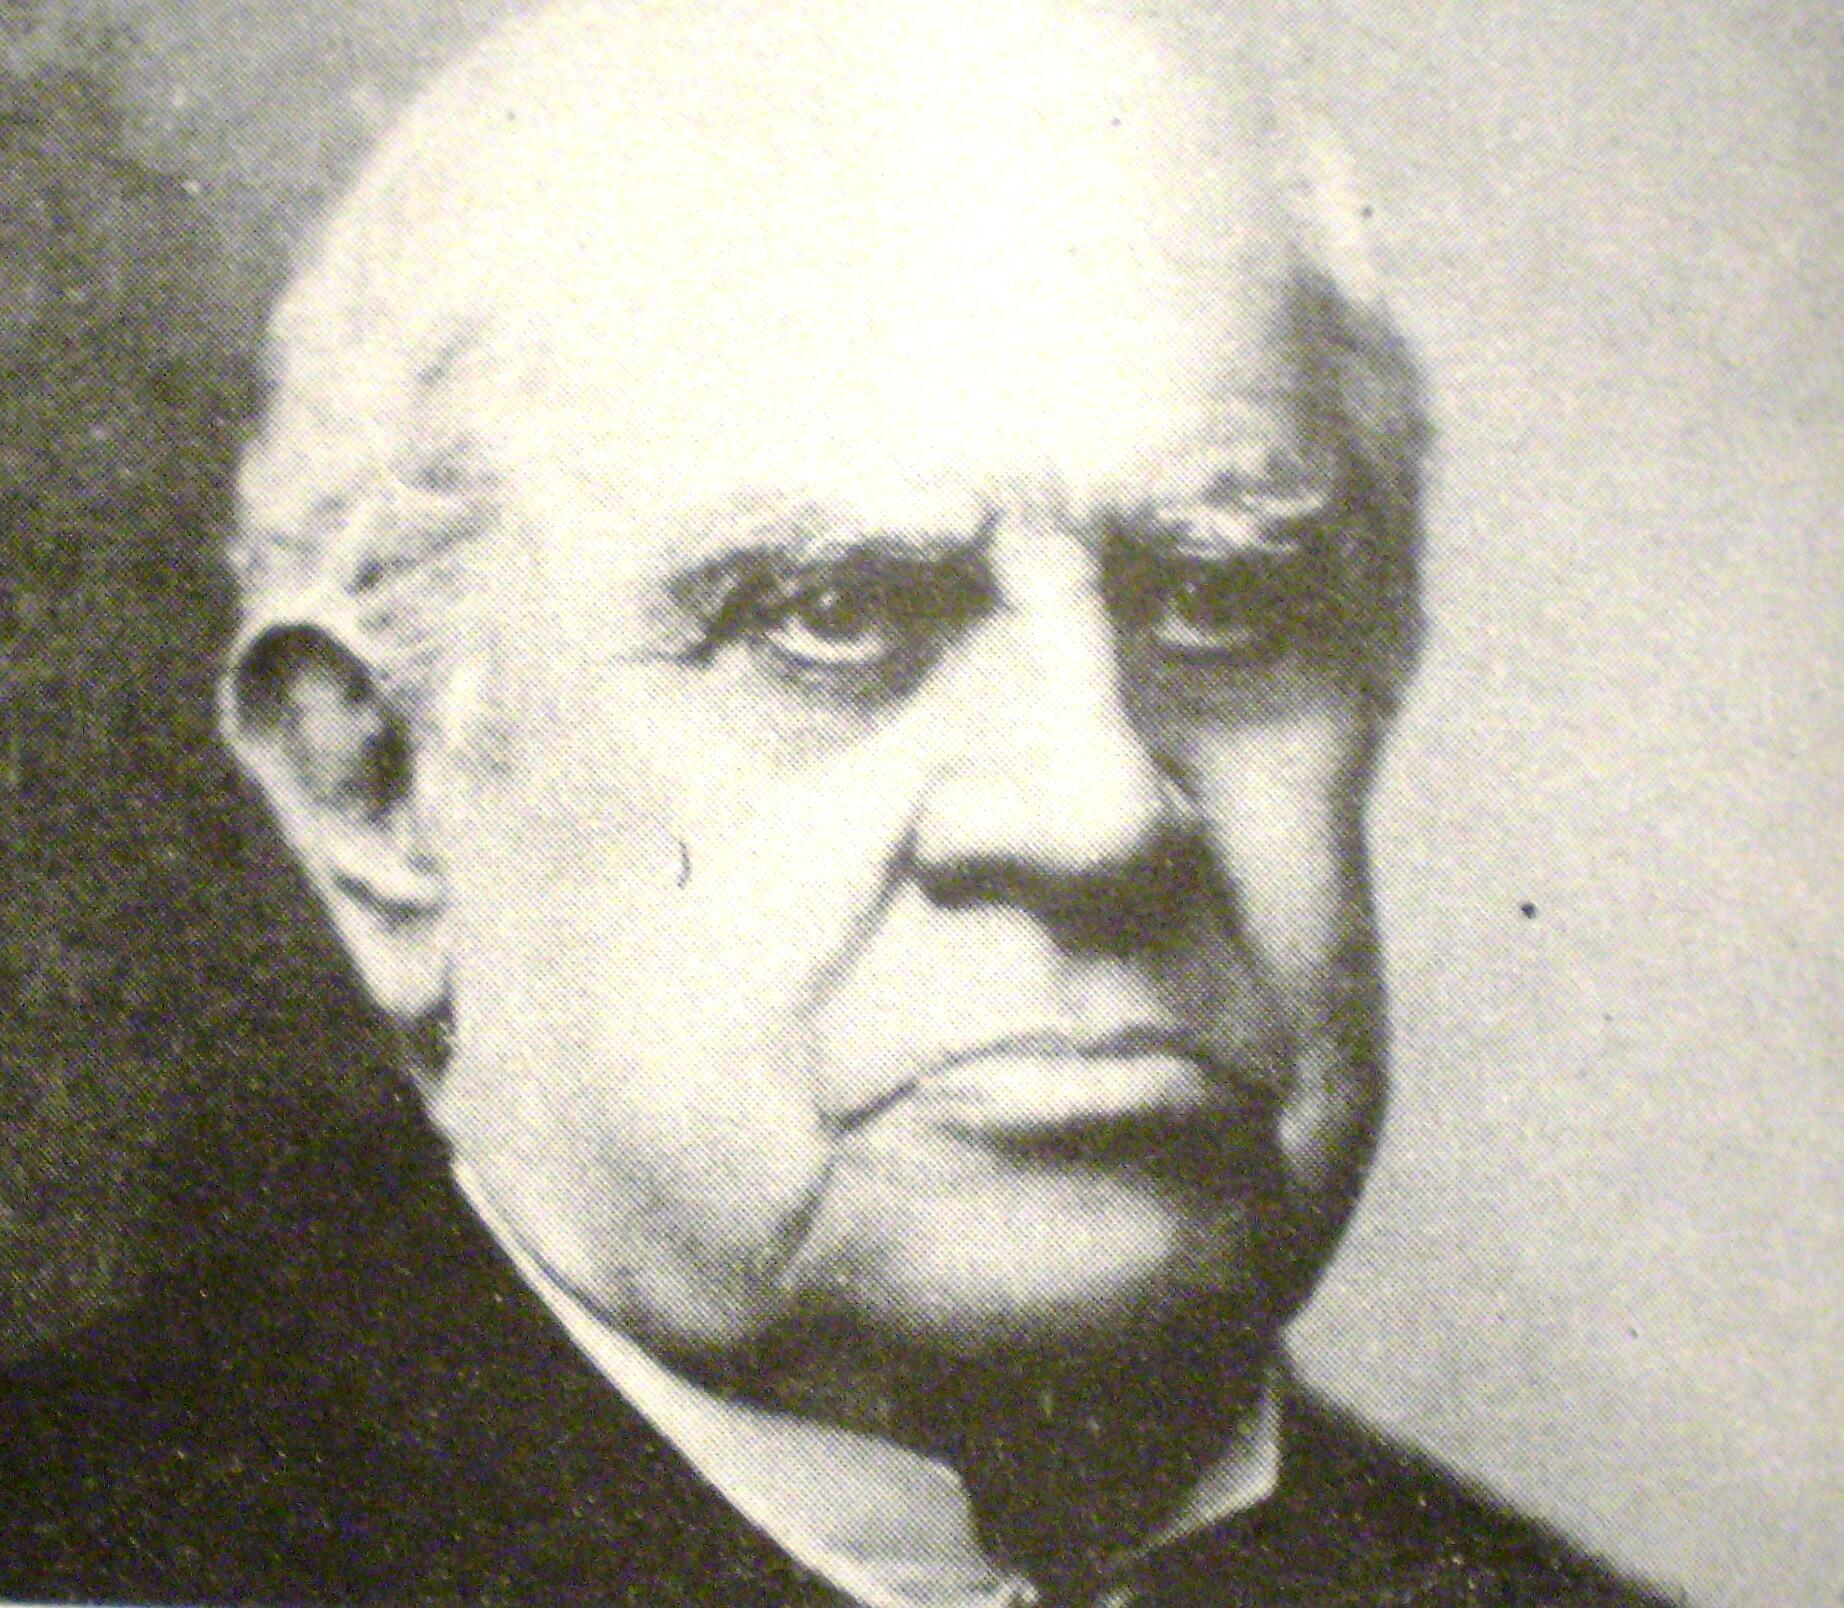 Domingo F. Sarmiento, président argentin entre 1868 et 1874, adoptait des postures ouvertement racistes. Il dirigea le pays pendant la fièvre jaune et la guerre de la Triple alliance, auxquelles on impute communément la disparition des Afro-Argentins.